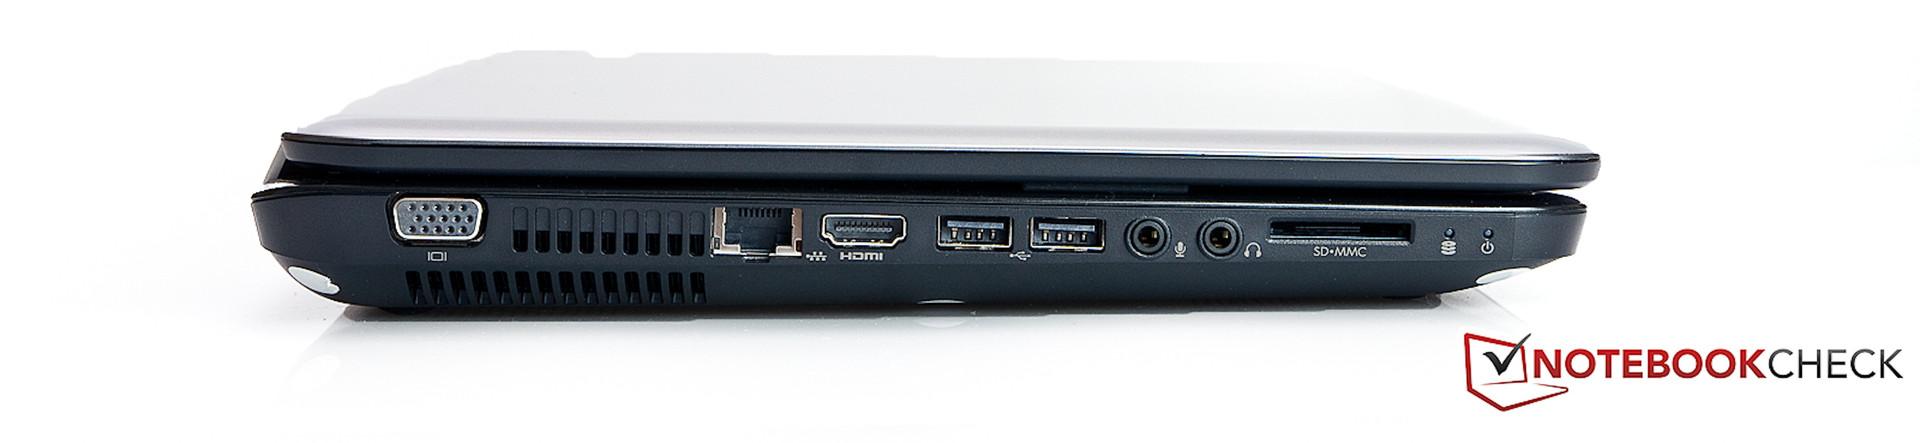 HP PAVILION G6 USB3 DESCARGAR DRIVER